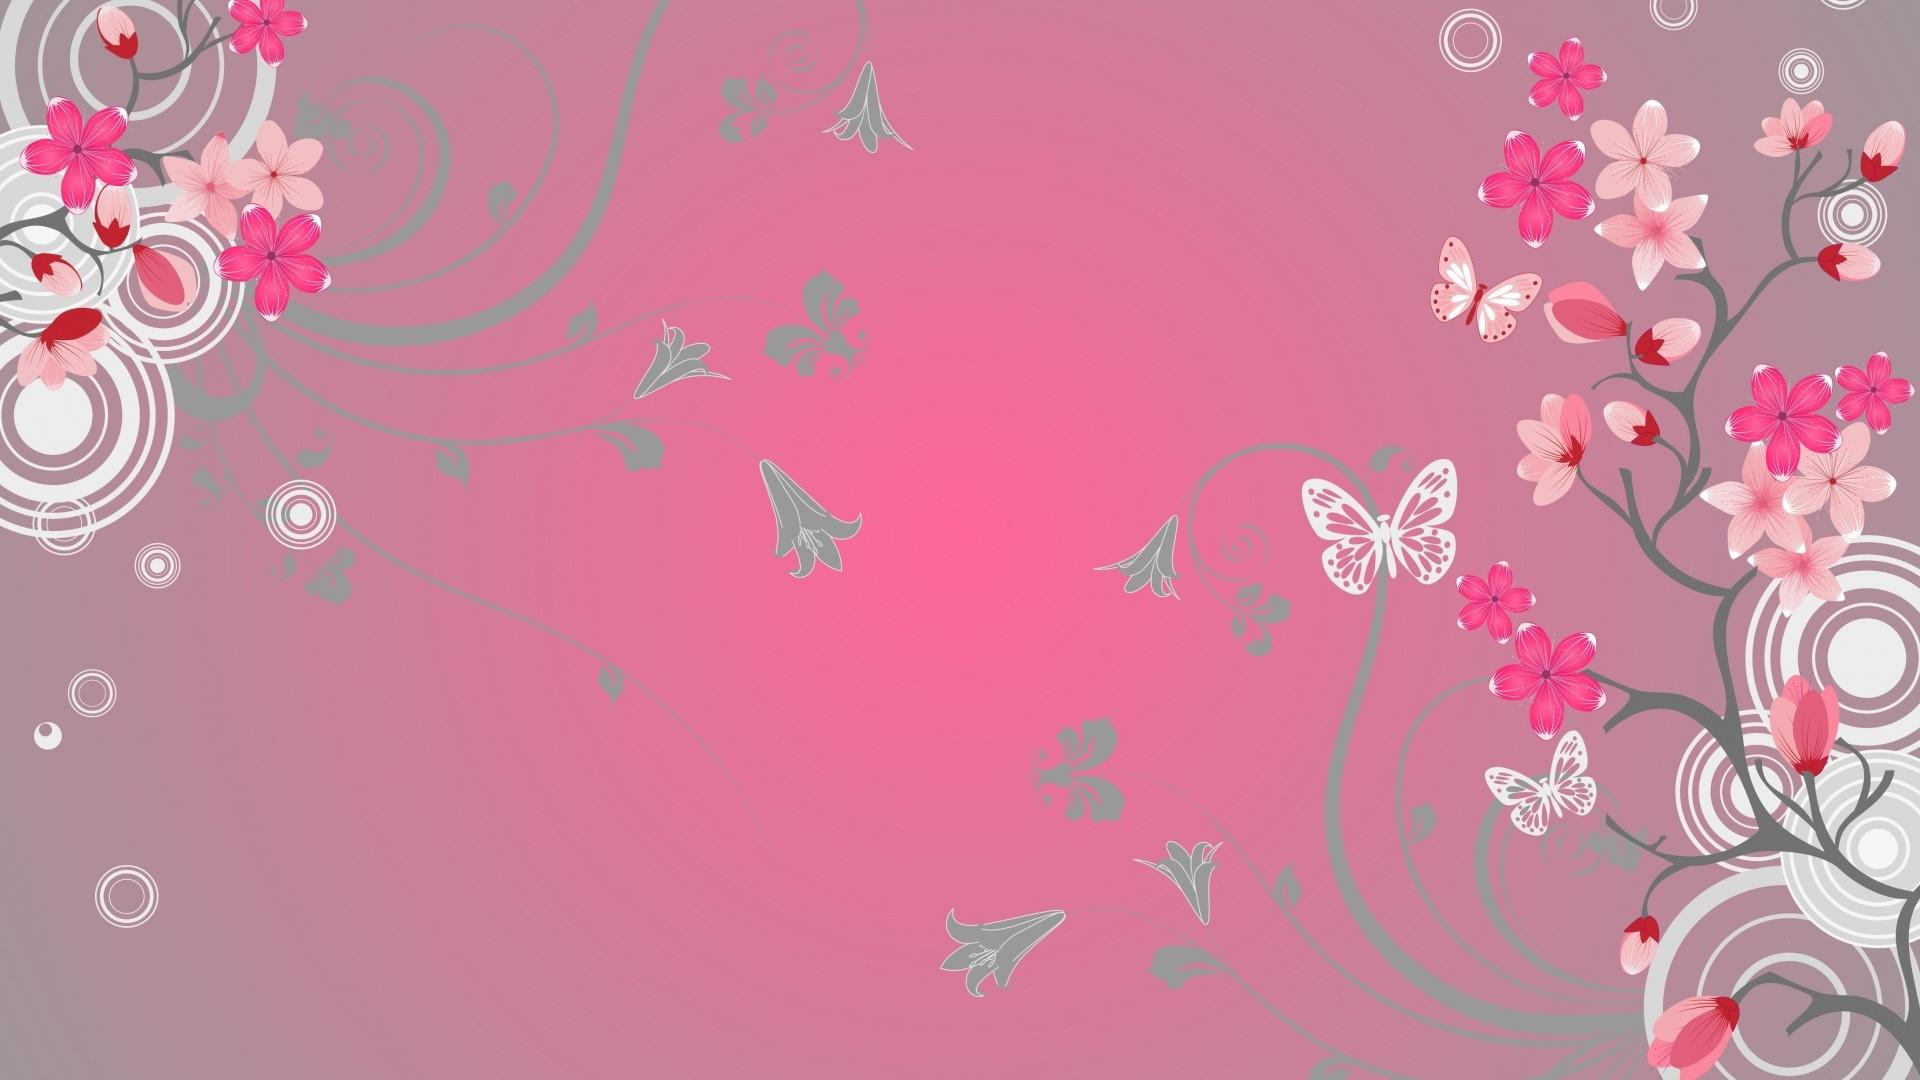 Pink Butterfly hd desktop wallpaper